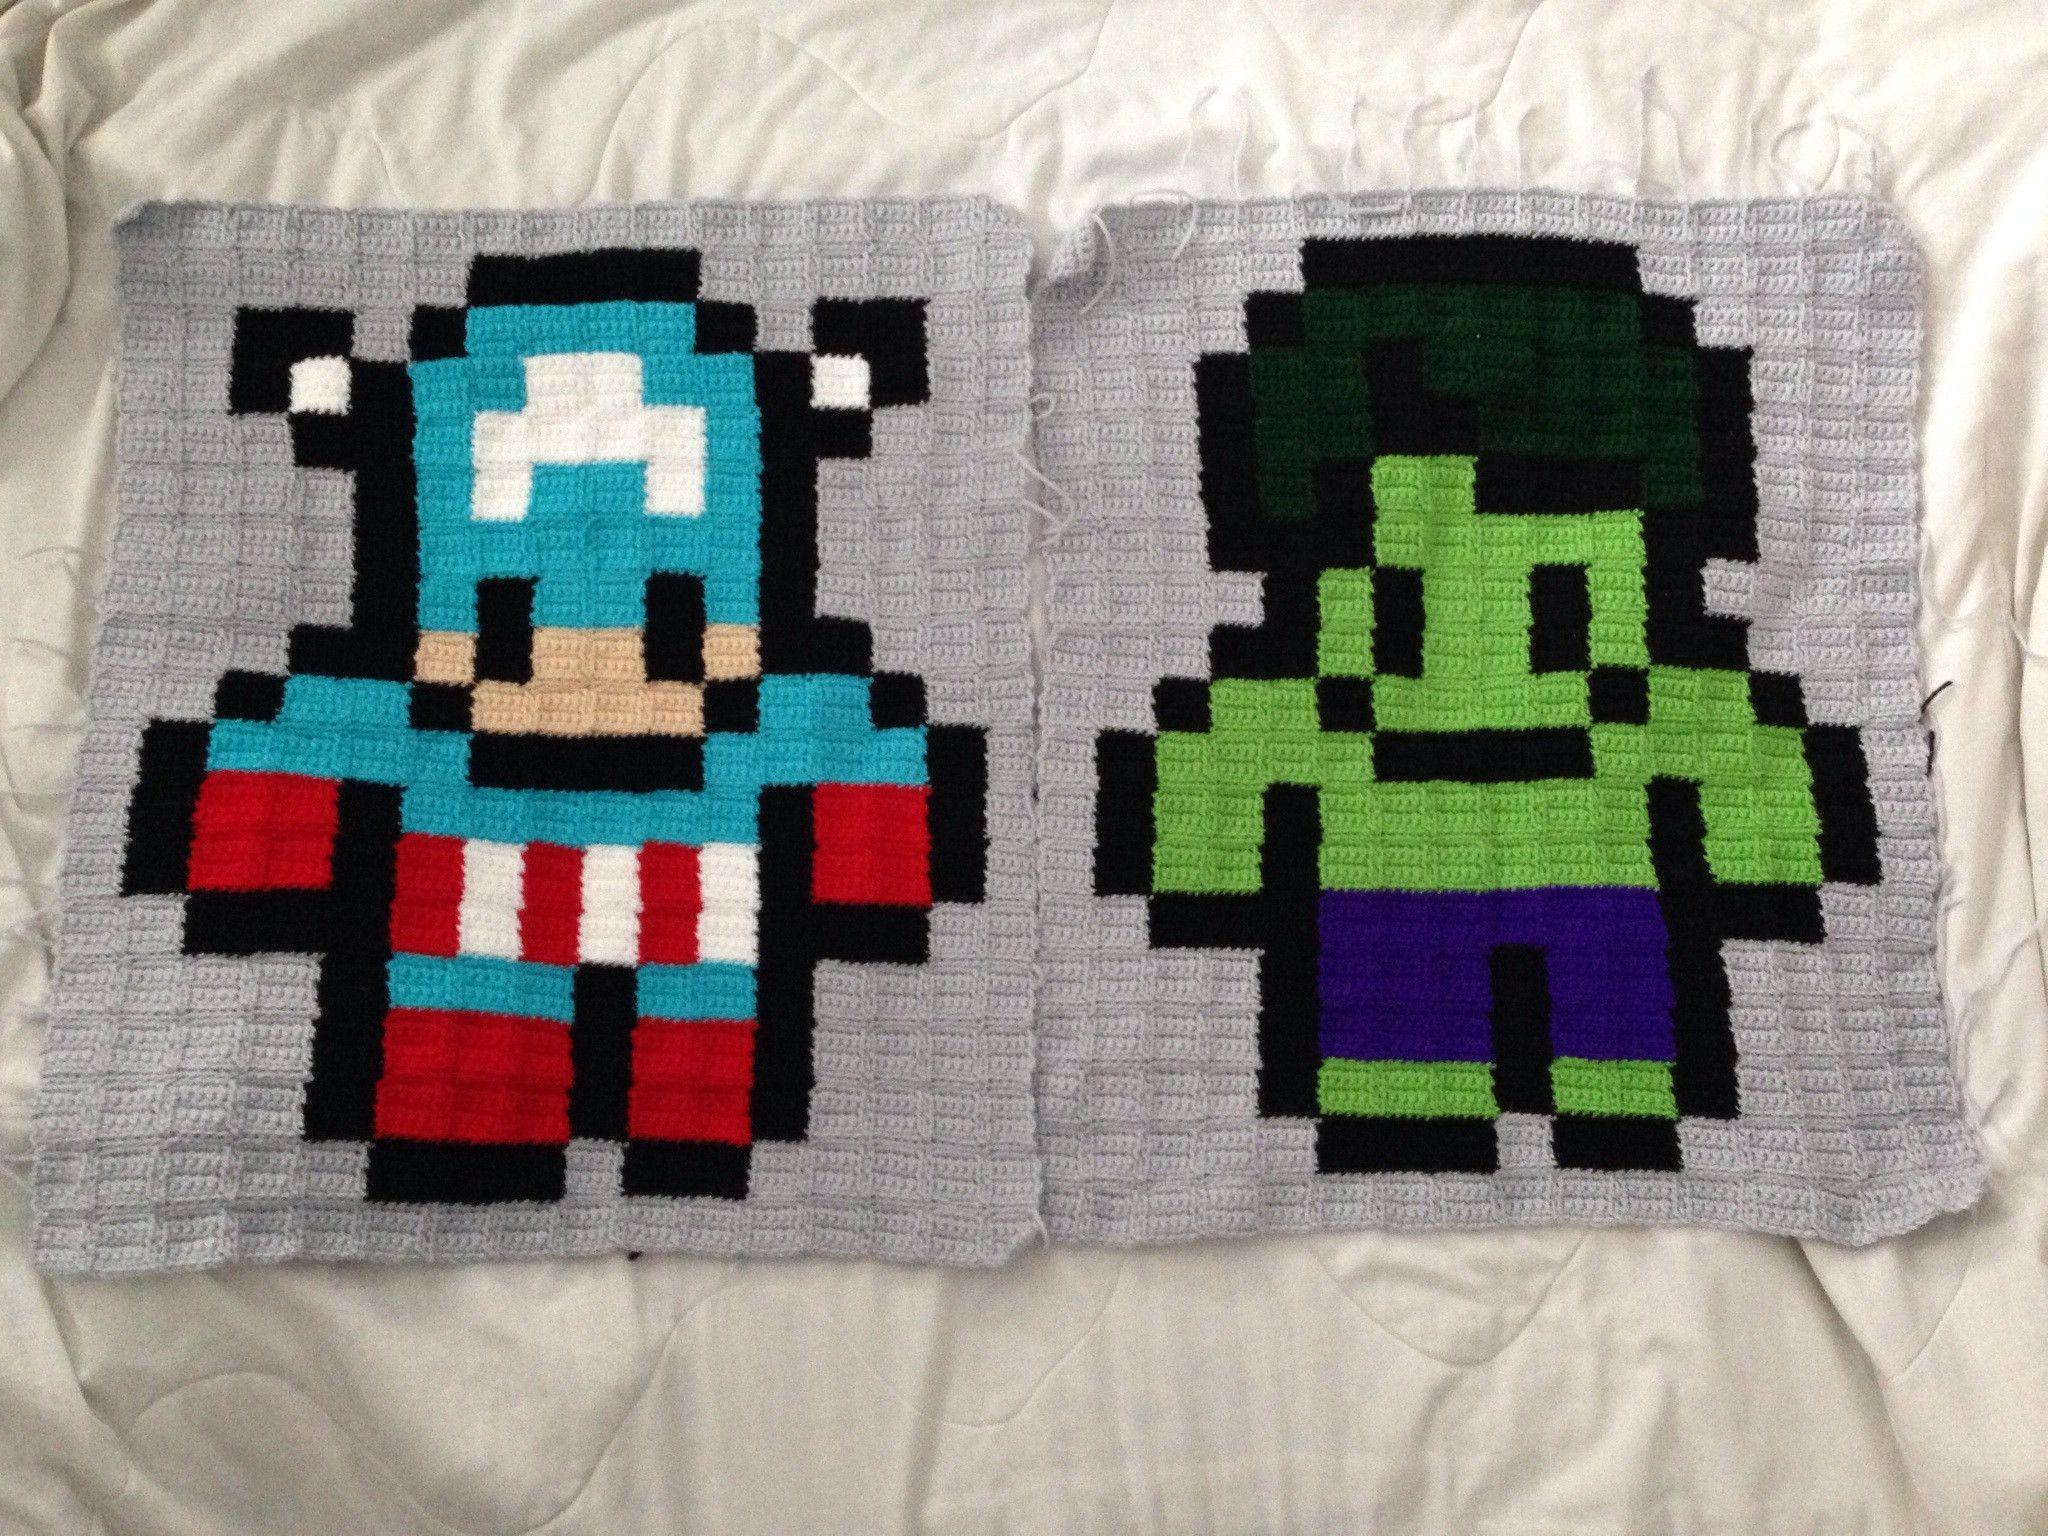 Wipupdatemarvel avengers 8 bit afghan pixel crochet afghan marvel avengers captain america and hulk pixel crochet 8 bit afghan rugs bankloansurffo Images